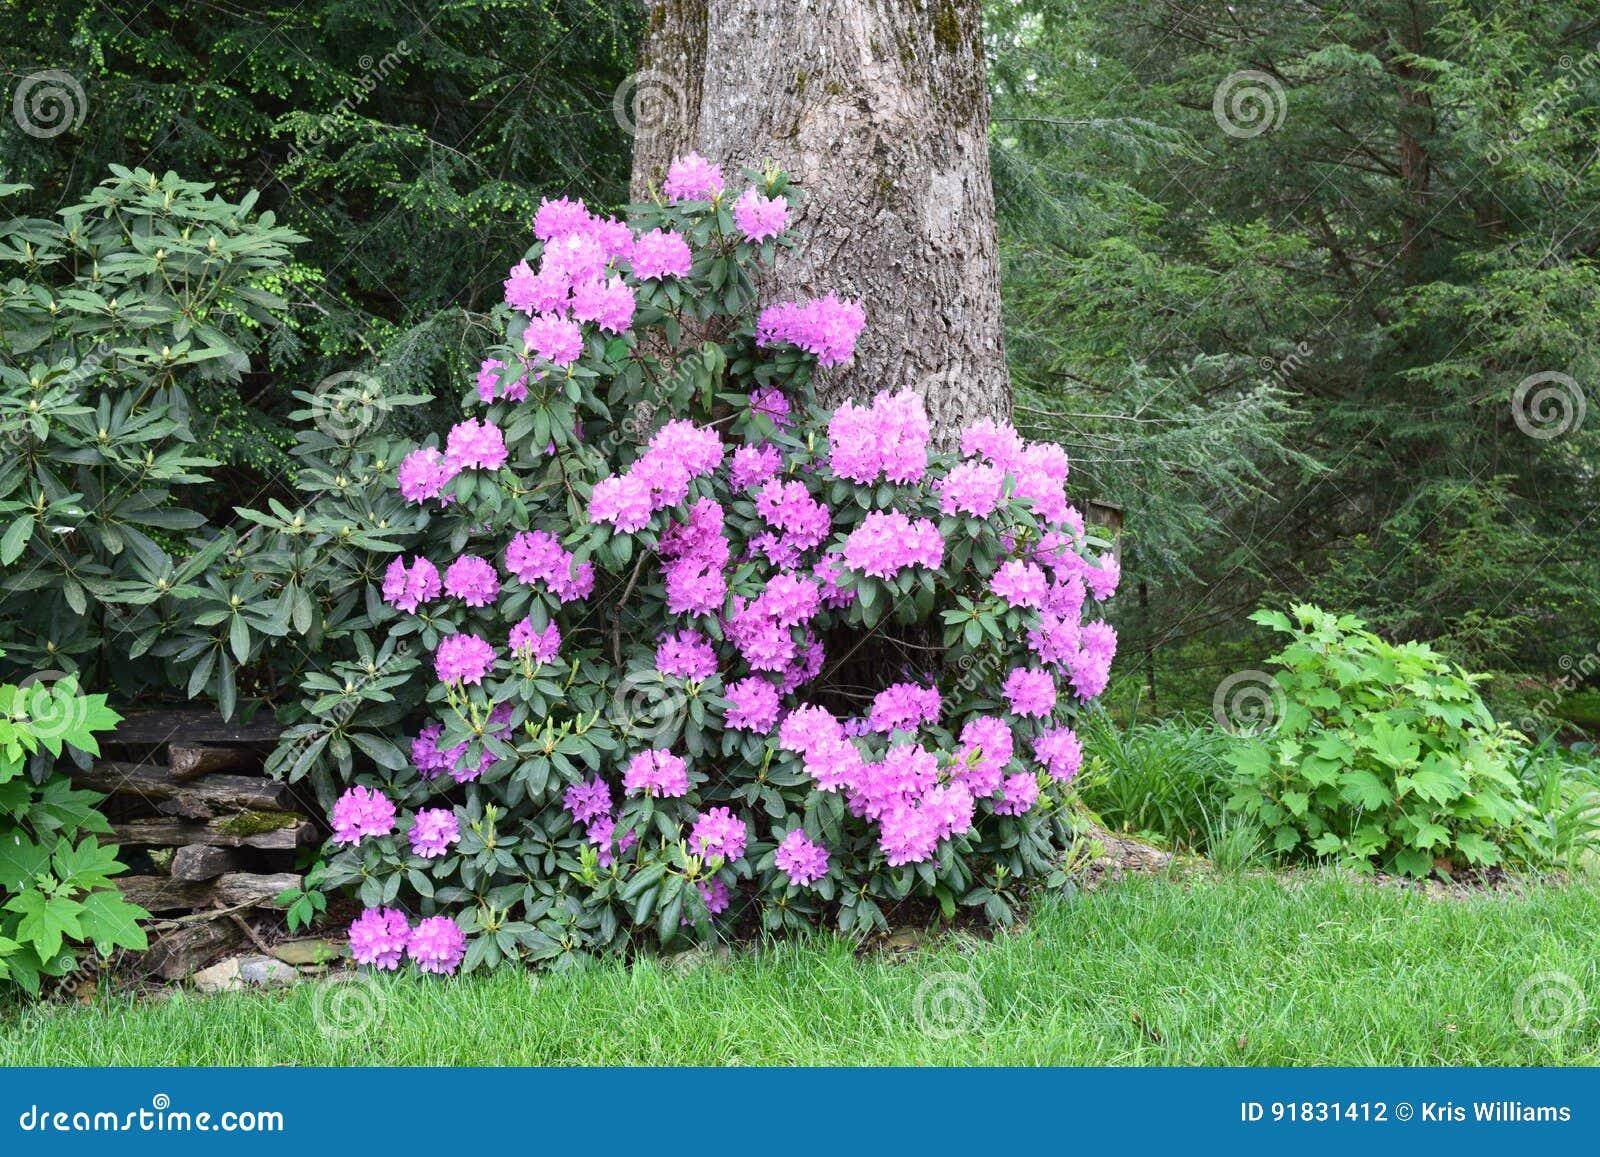 Western NC pink laurel